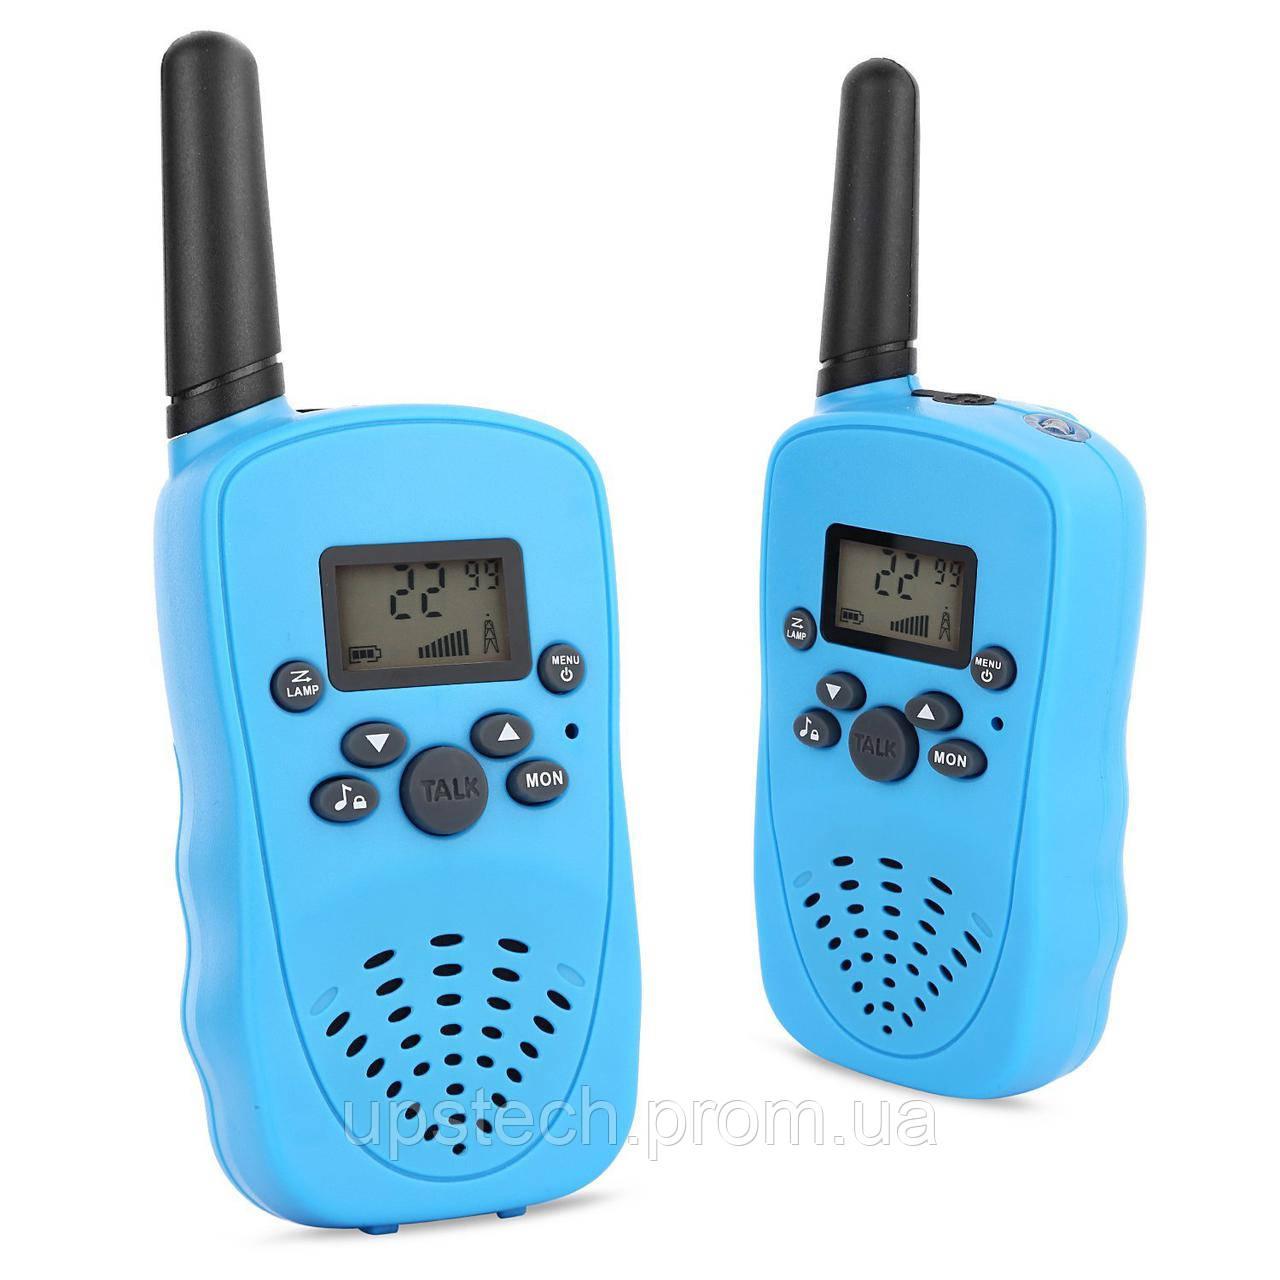 Рации Walkie-Talkie E-style T50 радиостанция